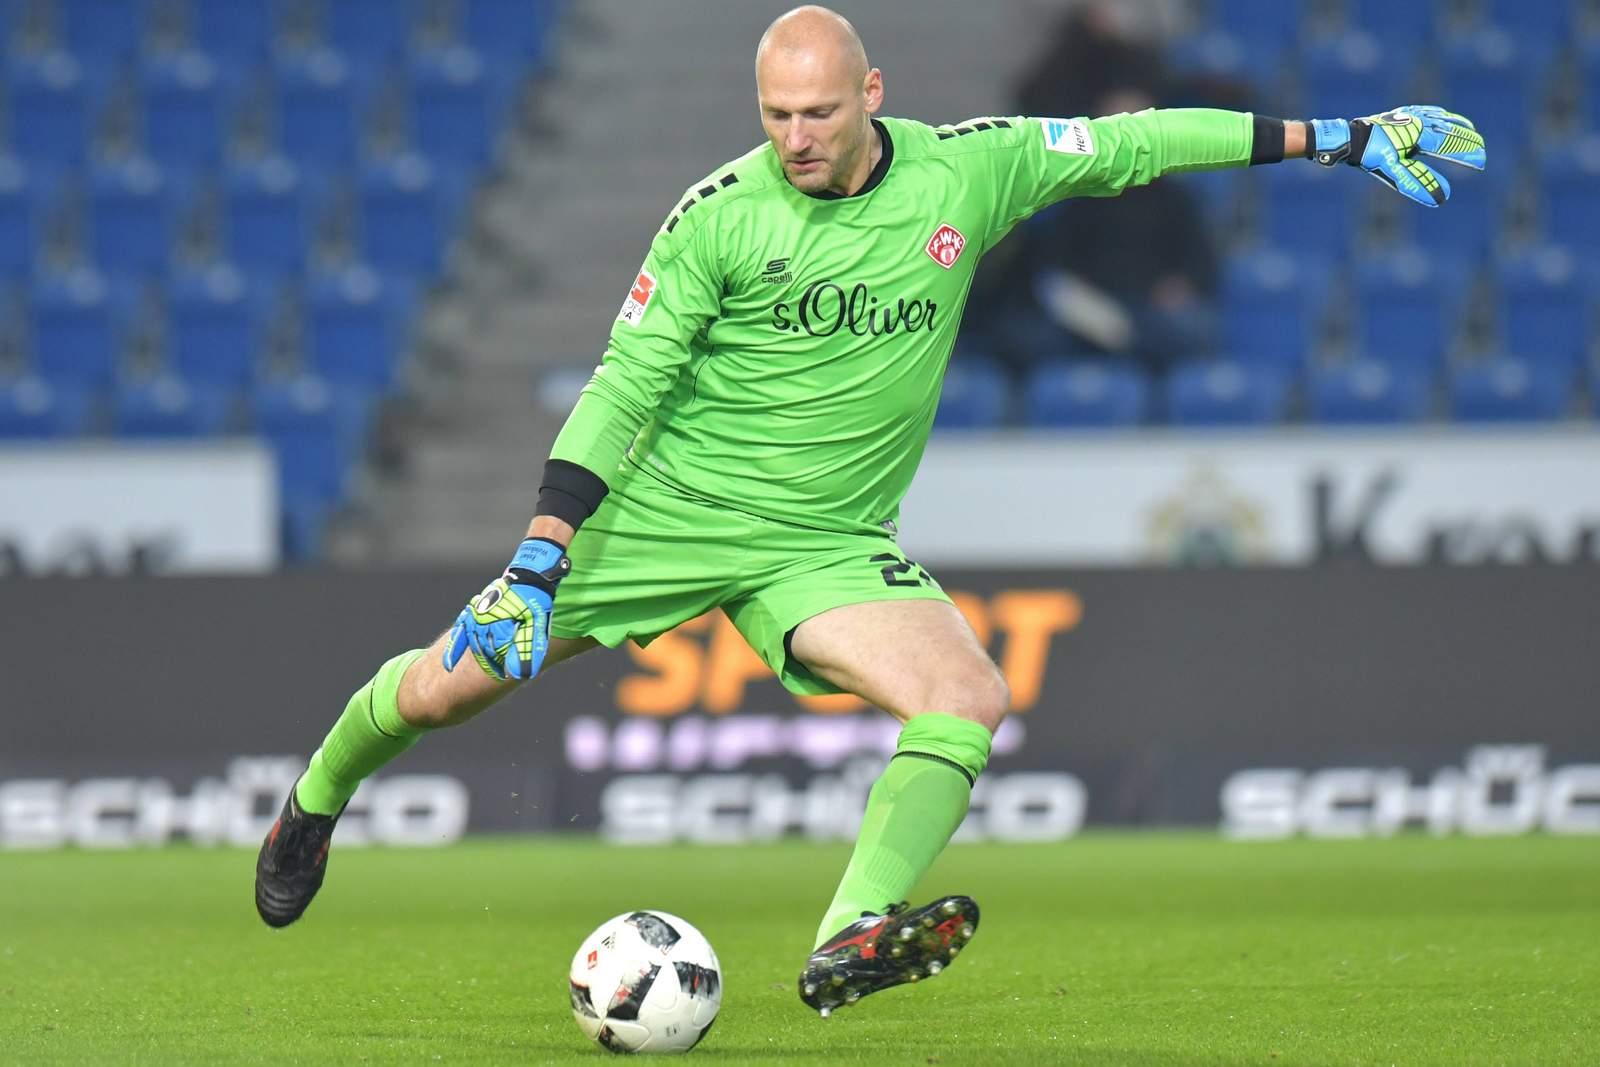 Trifft Wulnikowski wieder den Ball? Jetzt auf Würzburger Kickers gegen Greuther Fürth wetten